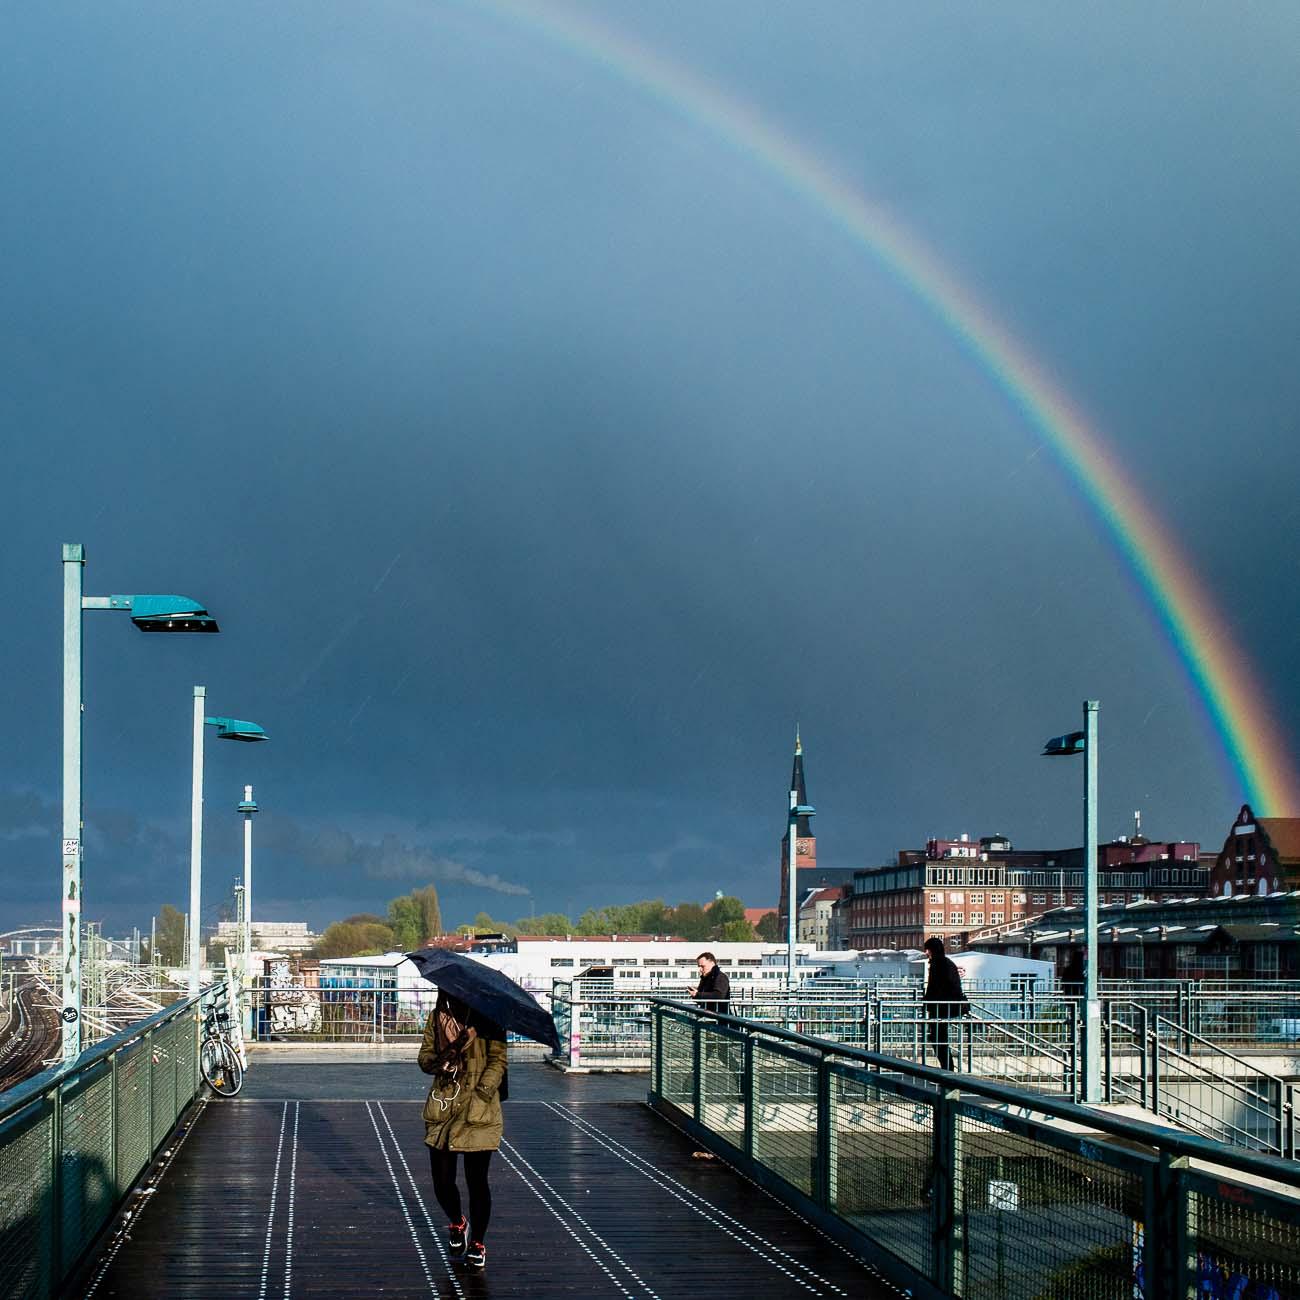 Street Photography Berlin Rain Martin U Waltz